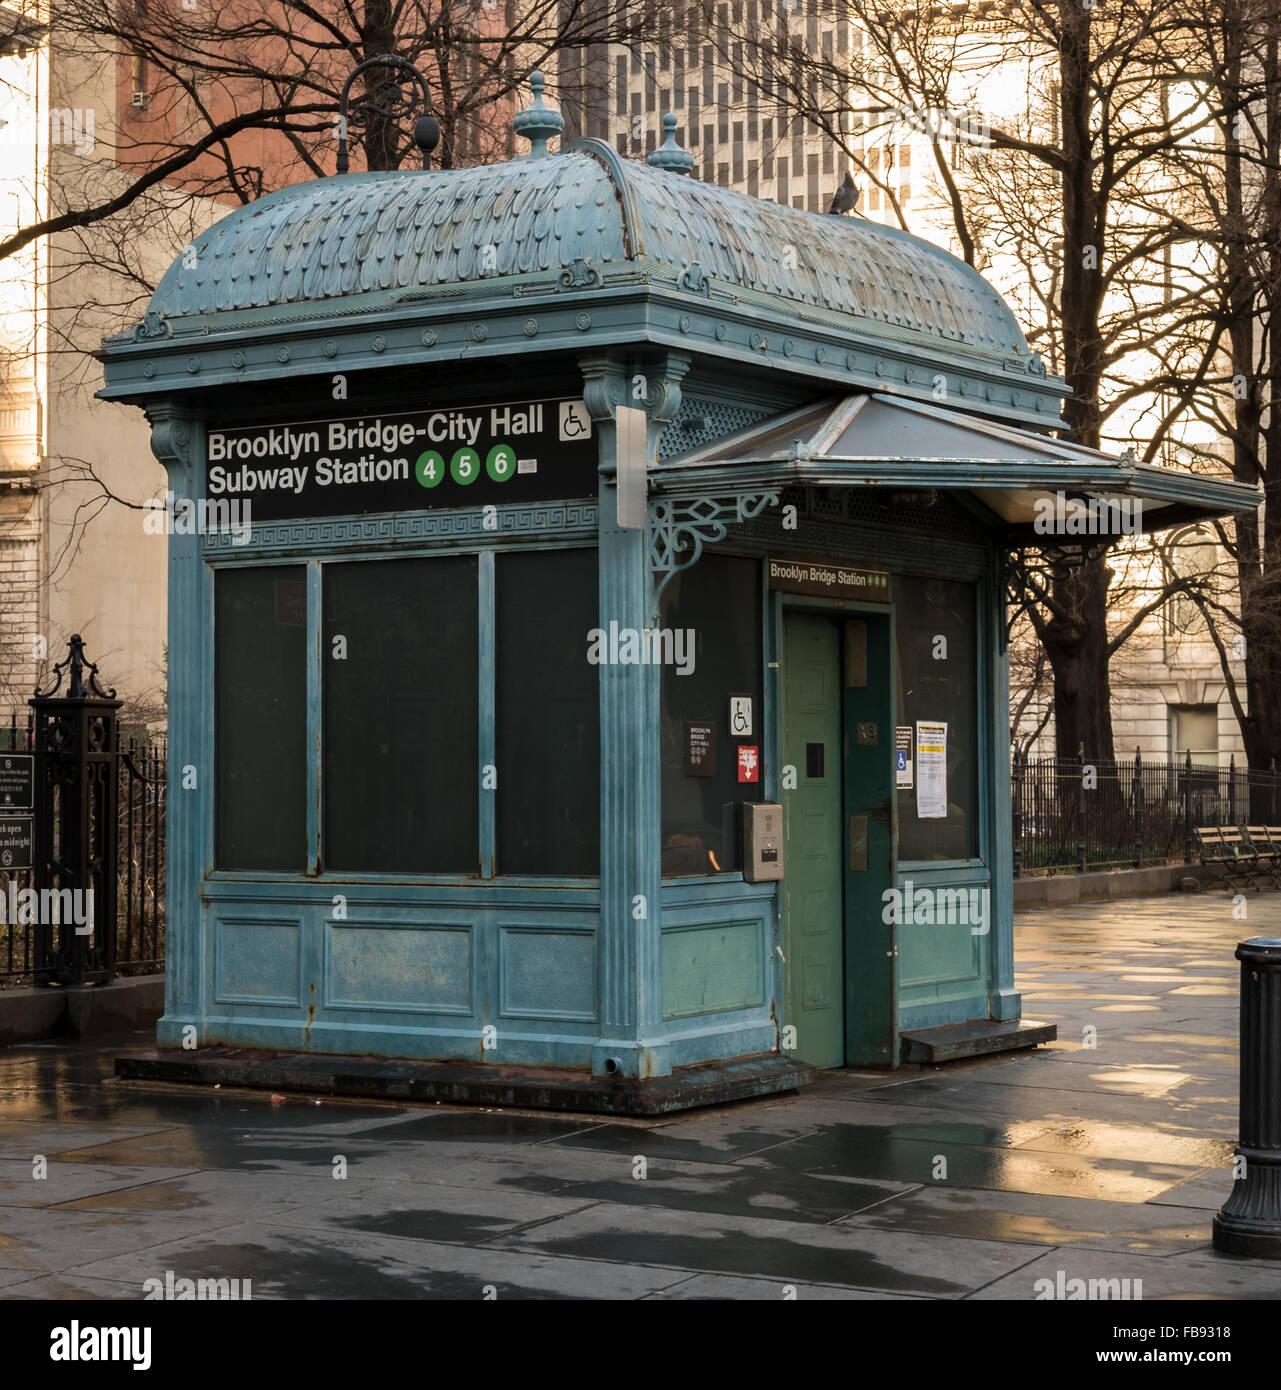 Brooklyn Bridge City Hall Station de métro ascenseur accessible en fauteuil roulant par l'entrée de Photo Stock